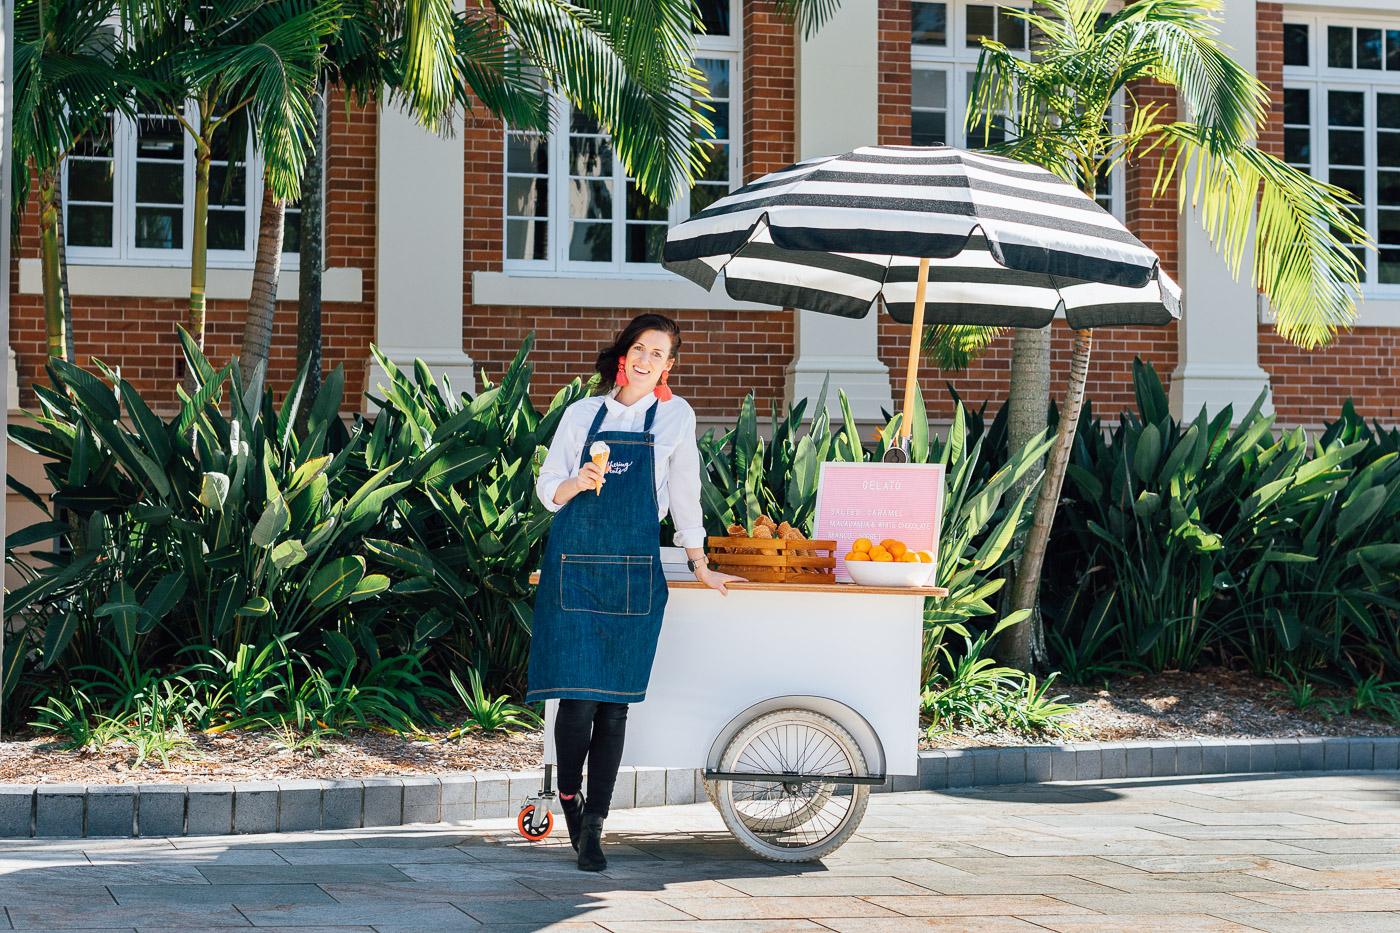 Sorbet - Gelato - Ice cream service